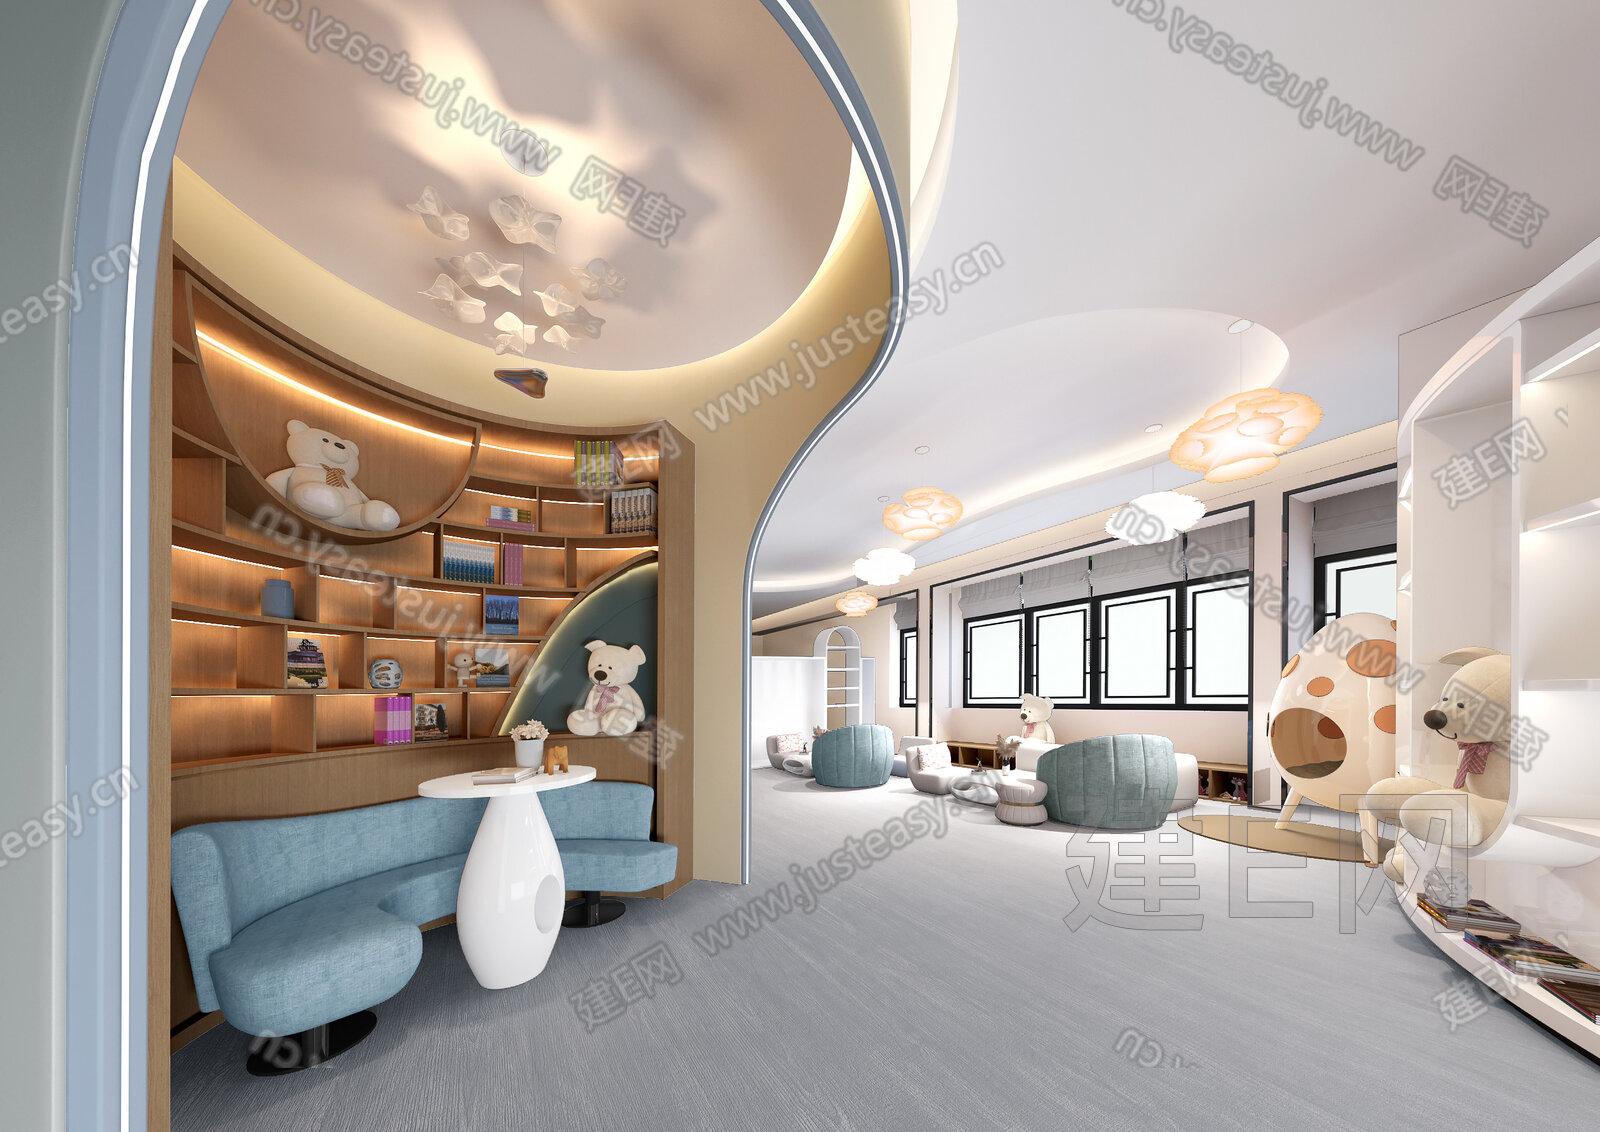 吴文粒 陆伟英 深圳市盘石室内设计有限公司 现代儿童娱乐区 3d模型